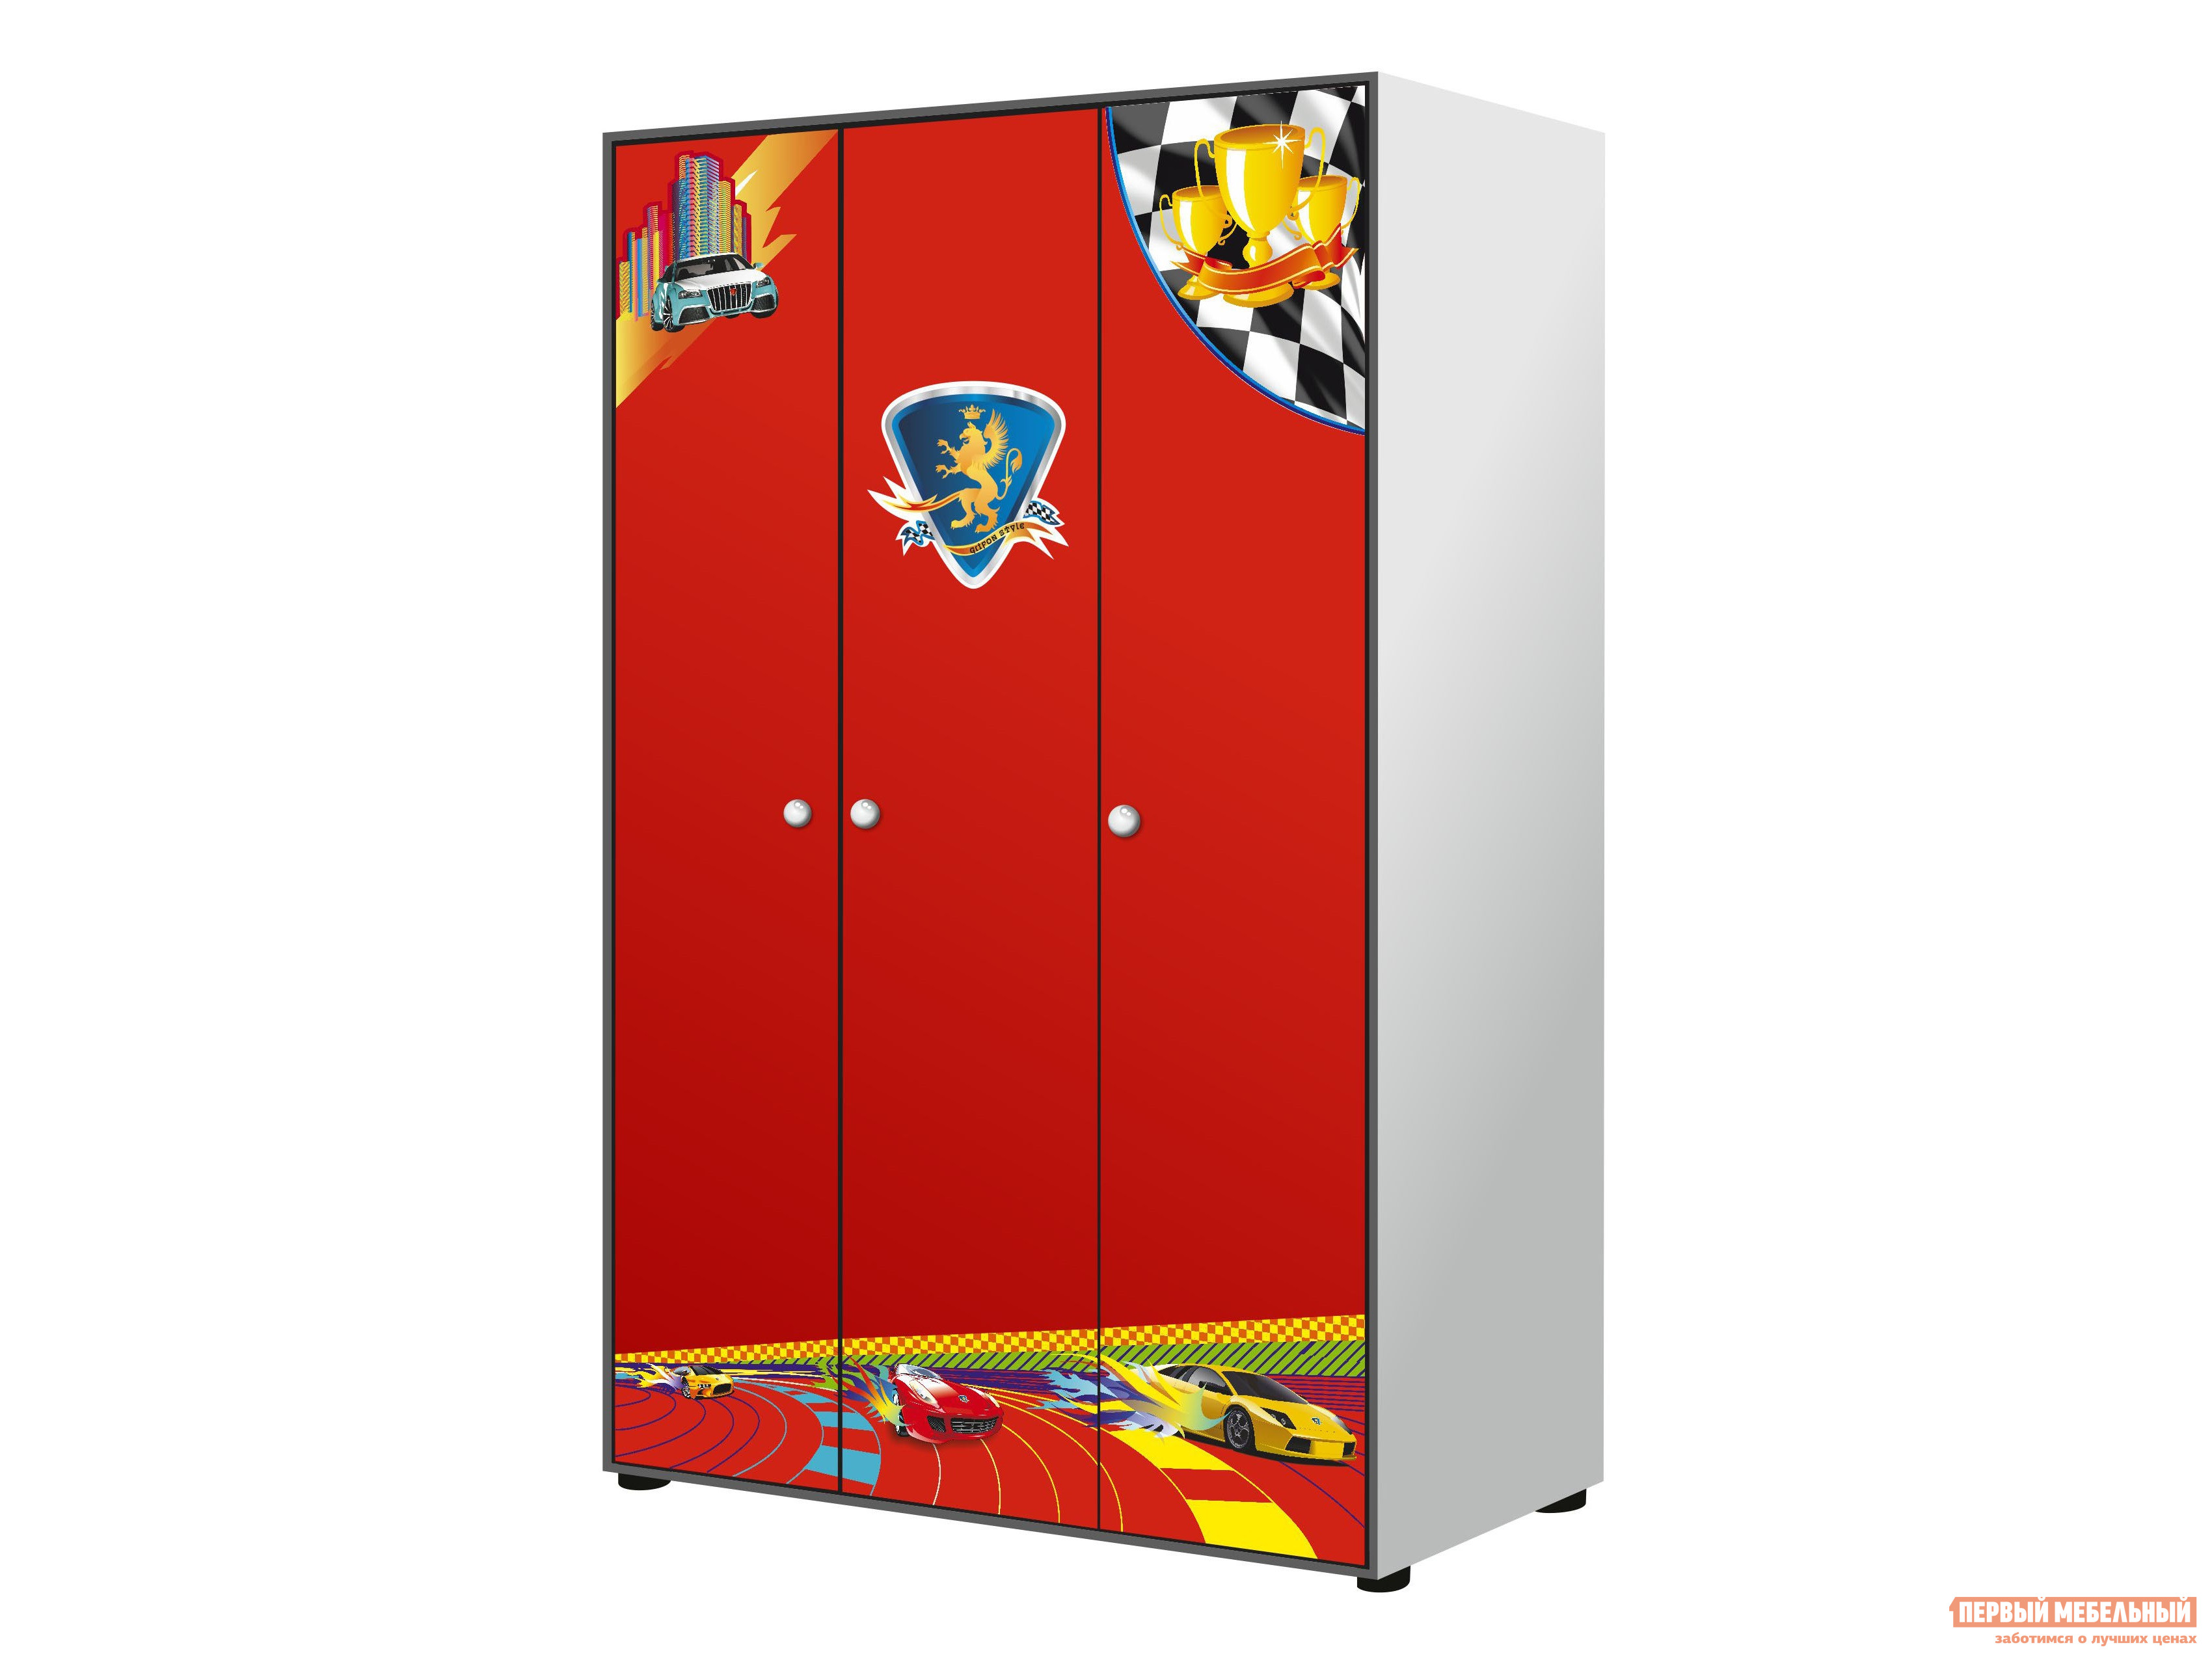 Шкаф платяной rx800 red купить в москве - stroyshopper.ru.